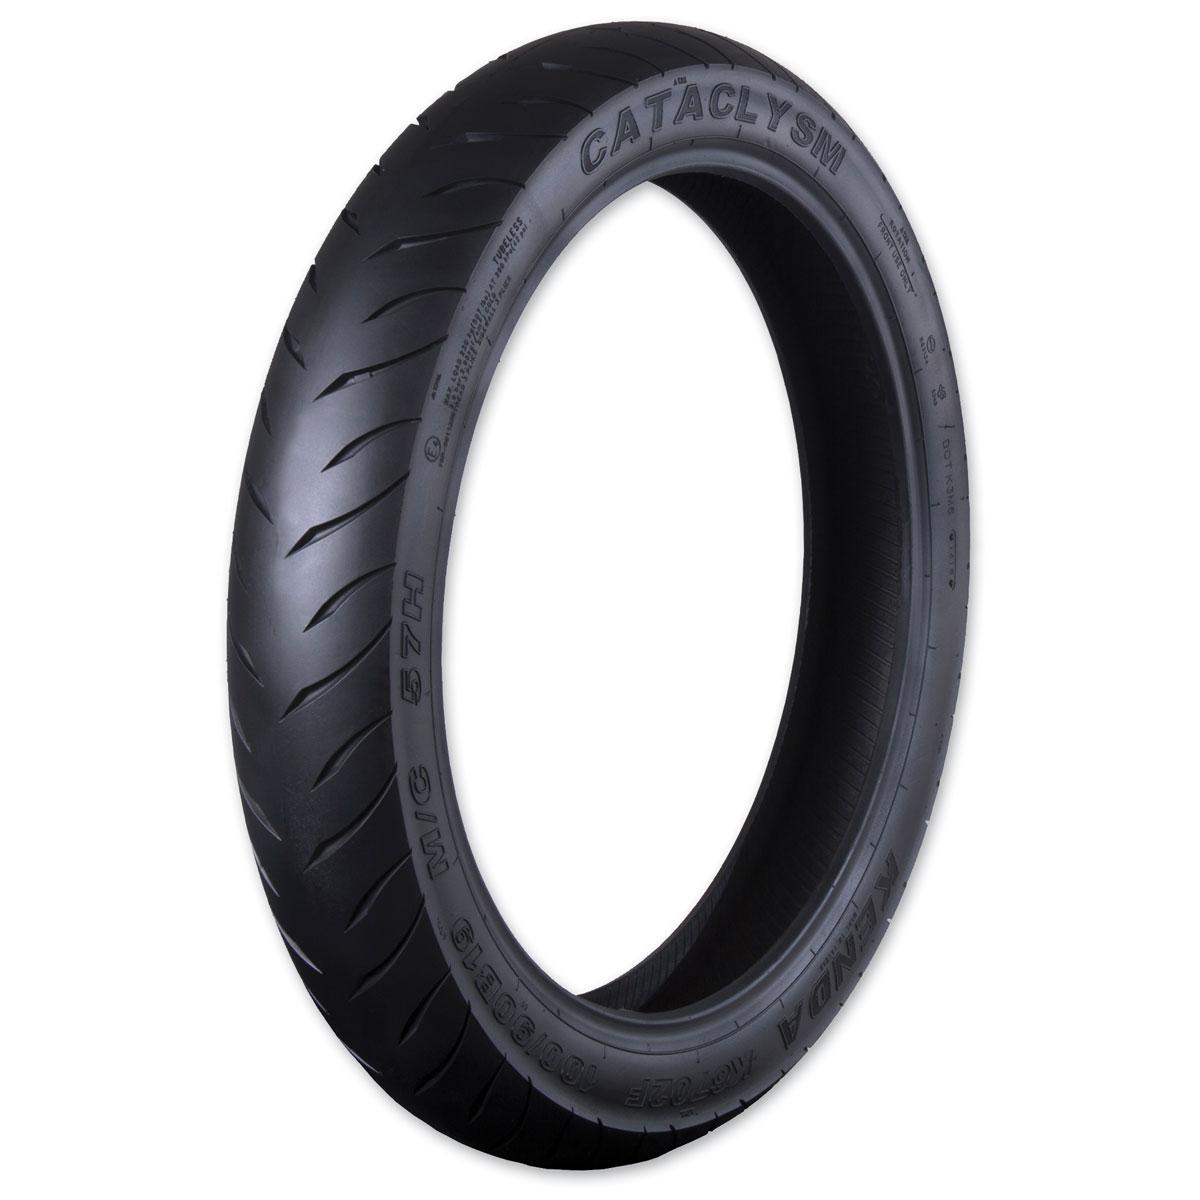 Kenda Tires K6702 Cataclysm 80/90-21 Front Tire